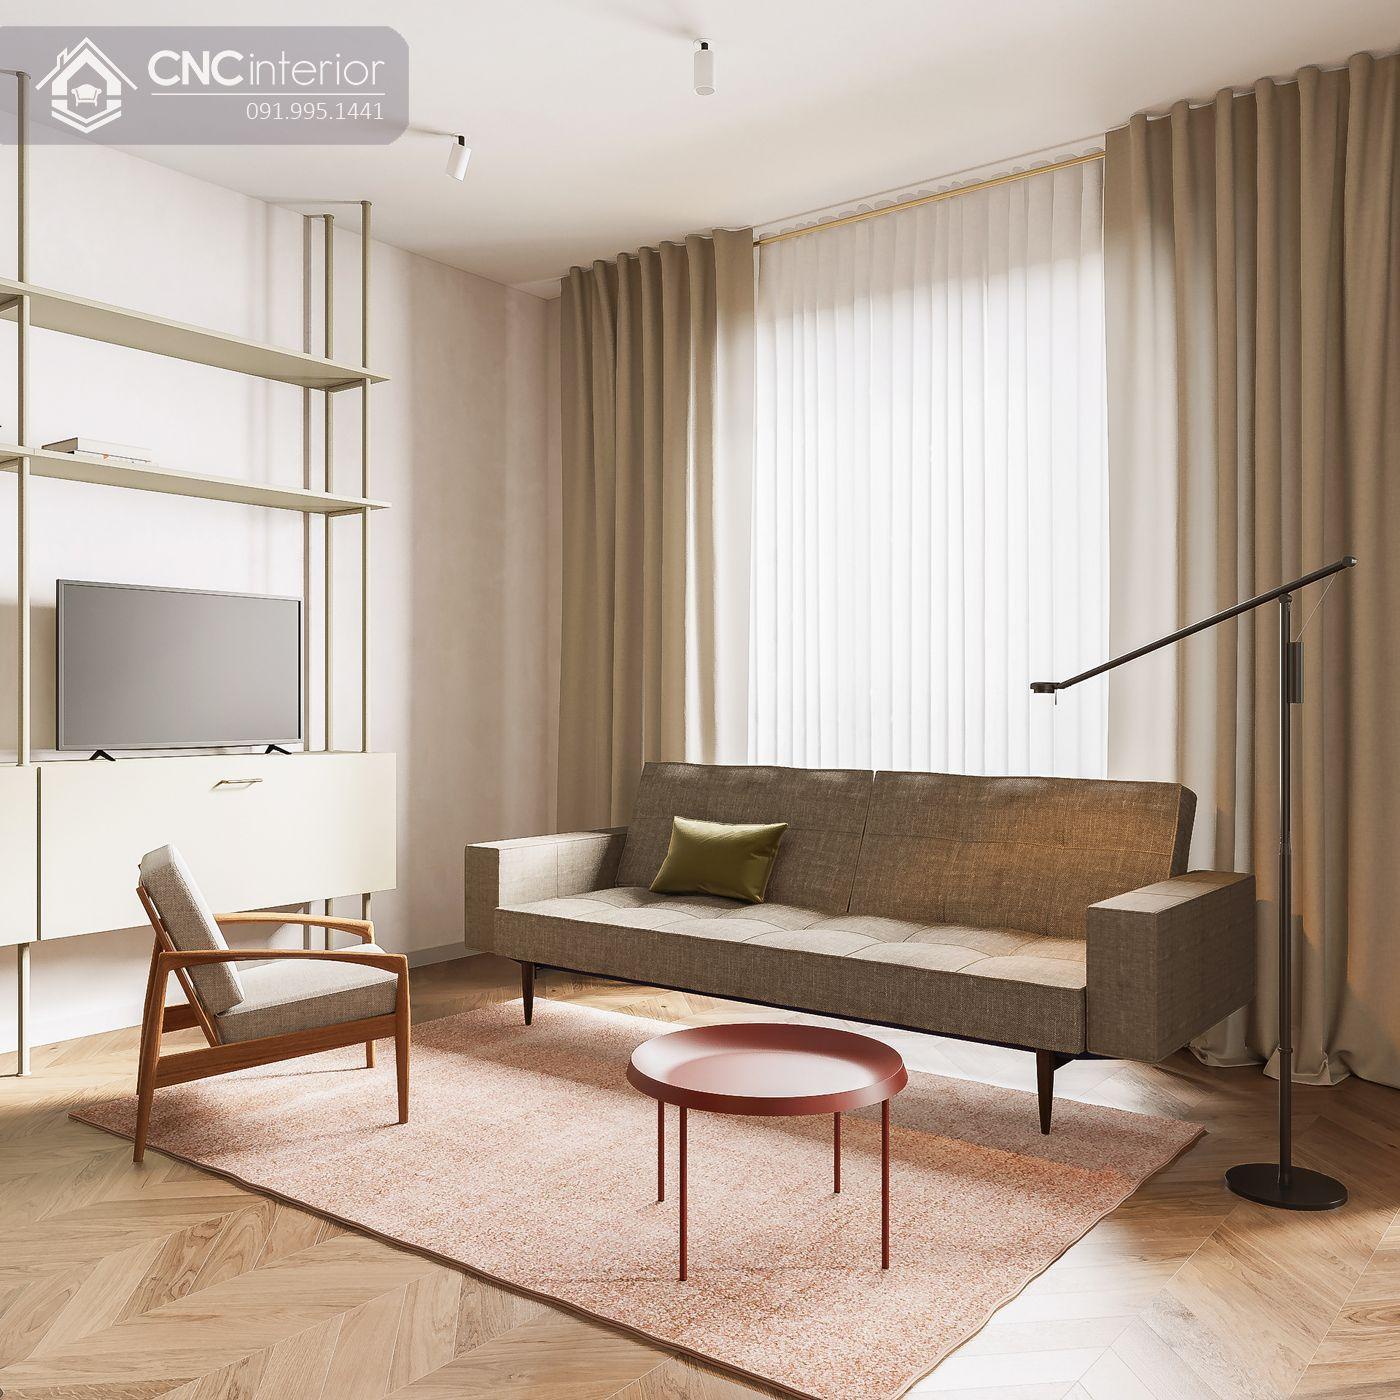 mẫu thiết kế nội thất phòng khách đẹp 12